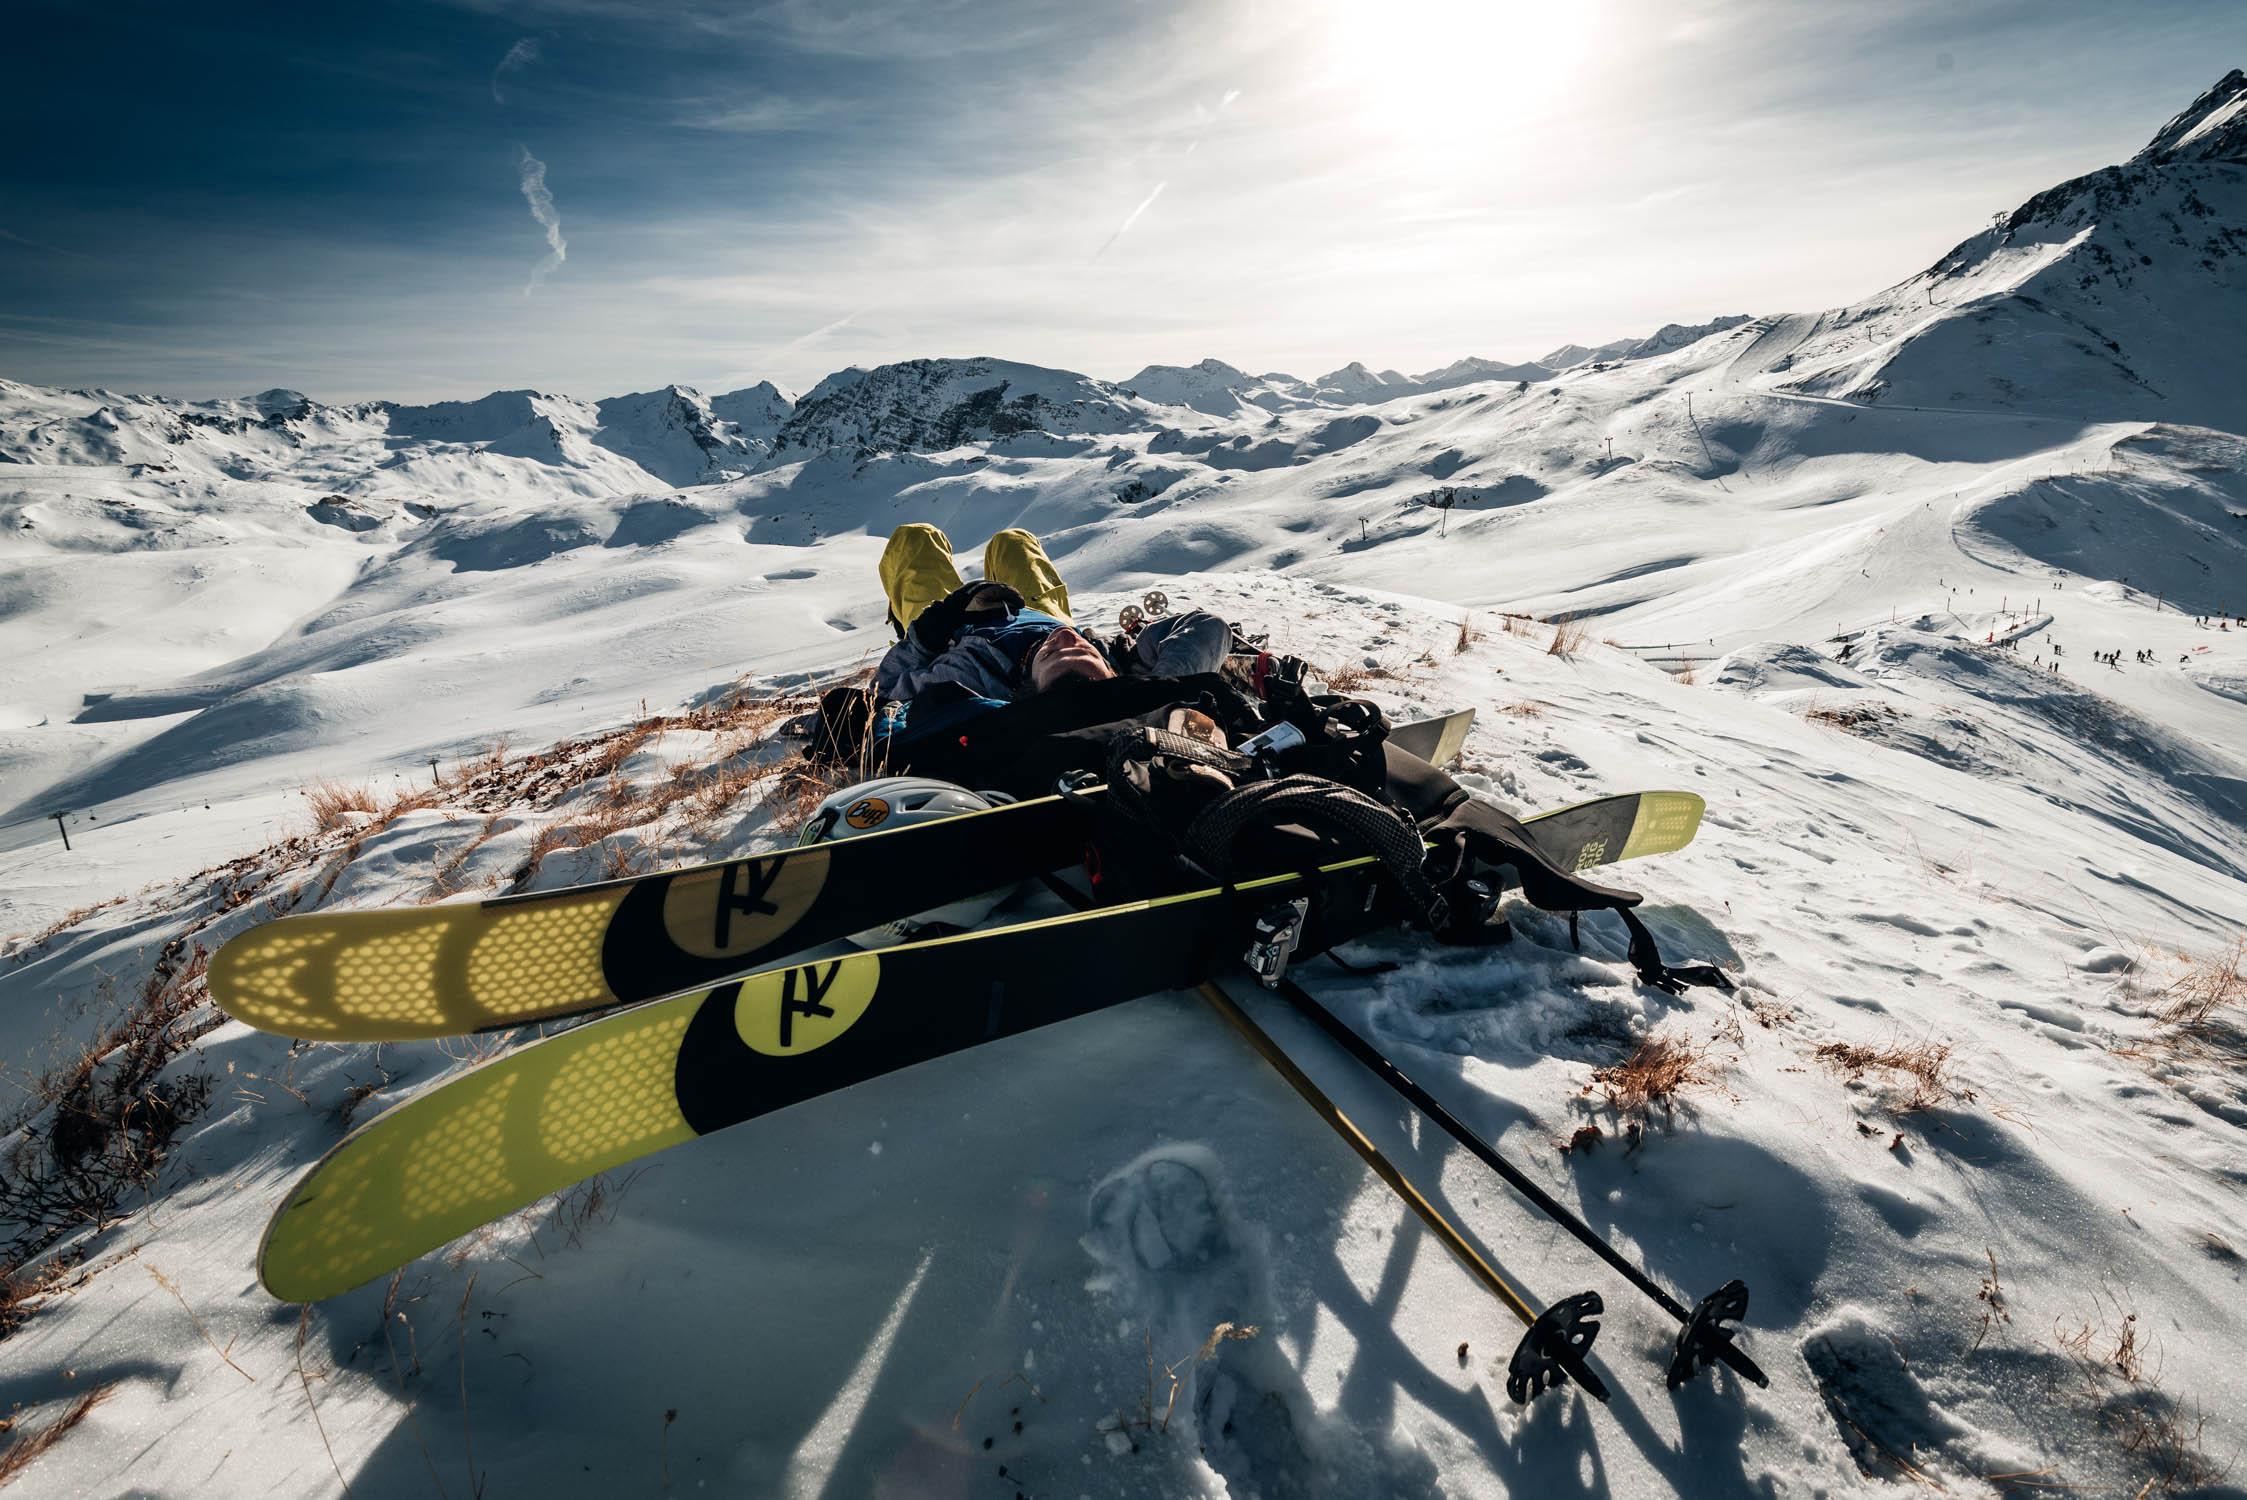 gustav-thuesen-adventure-outdoor-lifestyle-skiing-action-sport-2.jpg